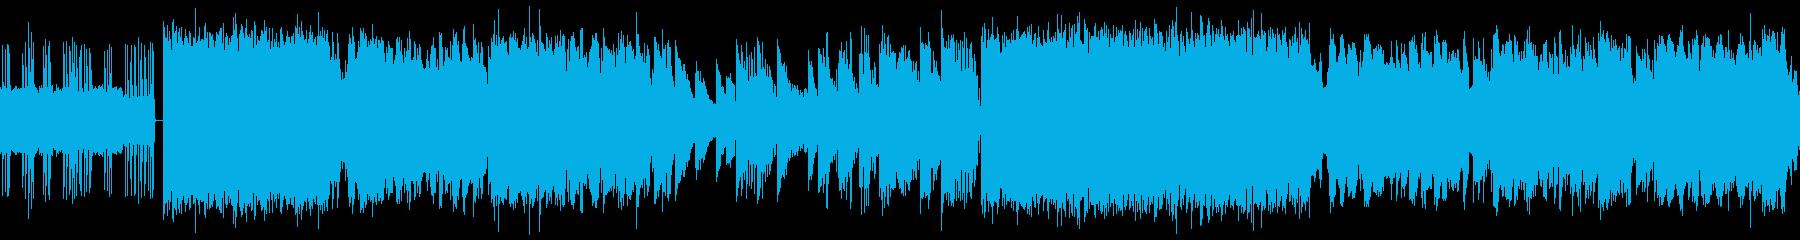 シンセベースのドロップサウンドを含...の再生済みの波形